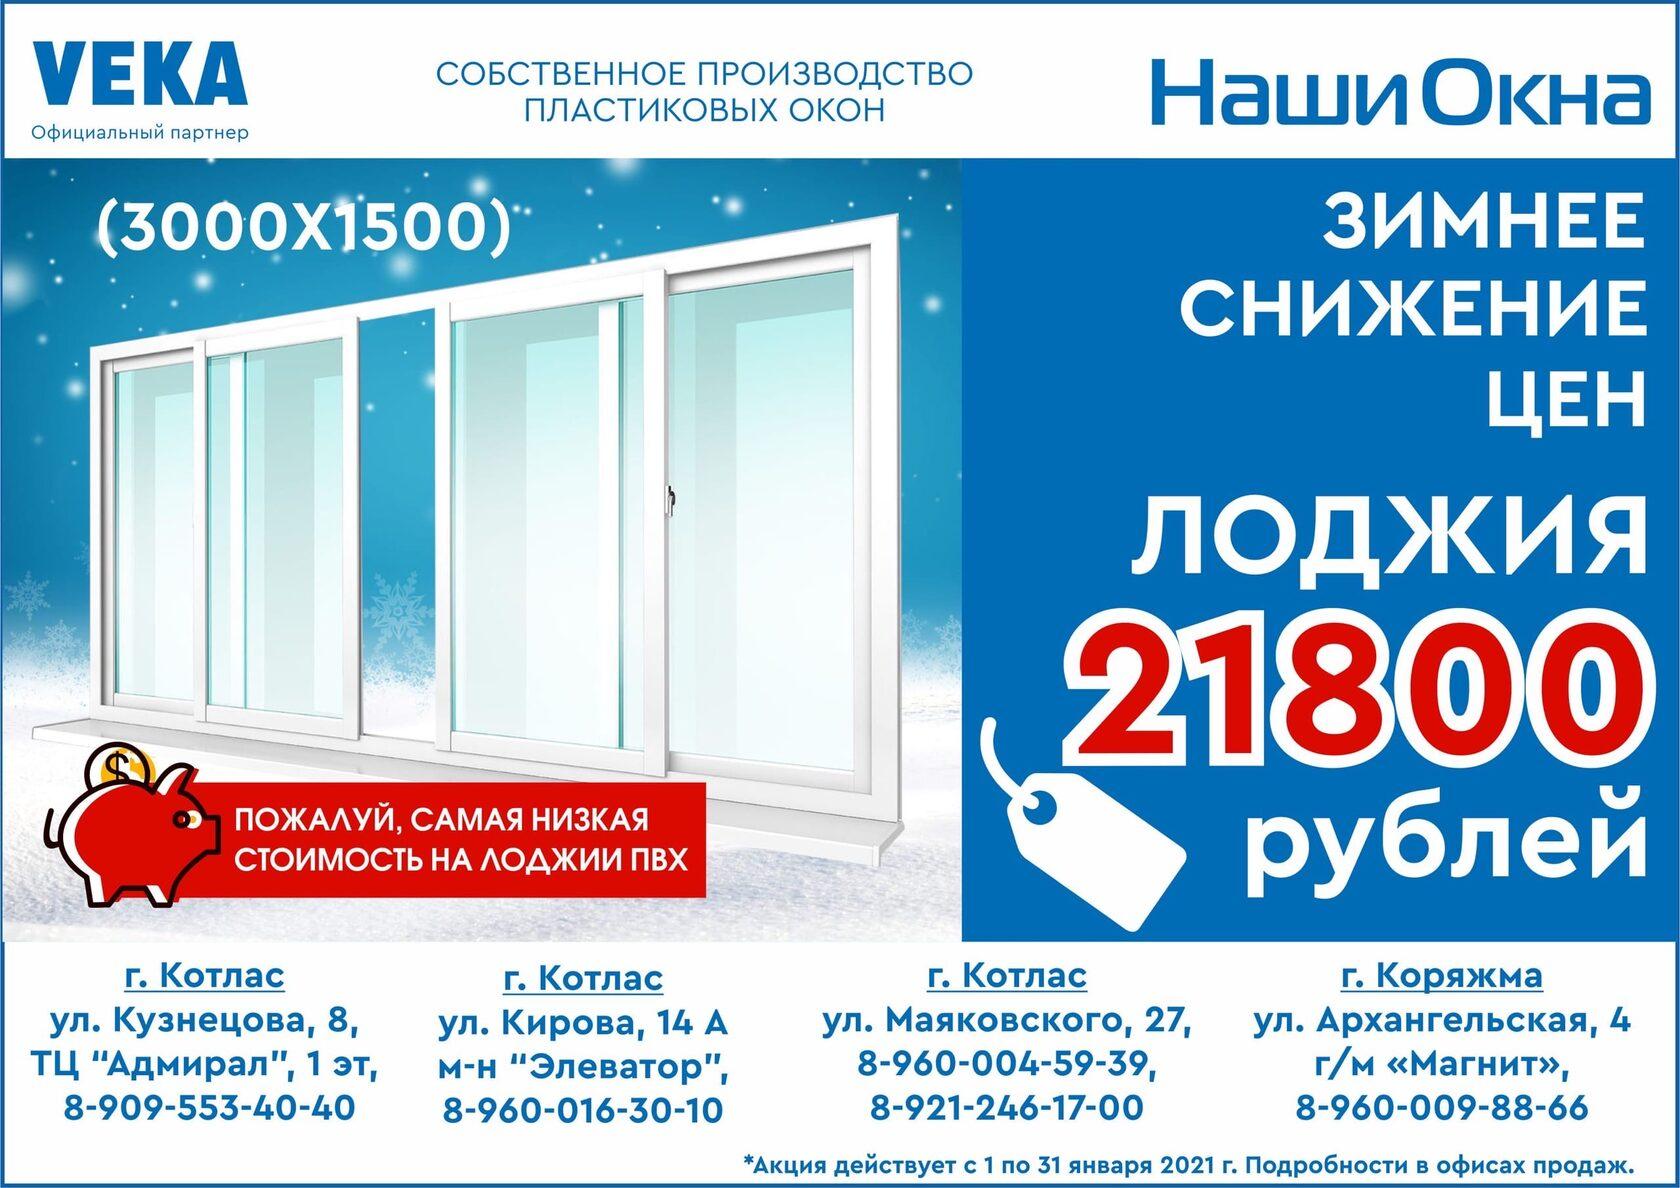 Элеватор котлас официальный конвейер цена за 1 метр